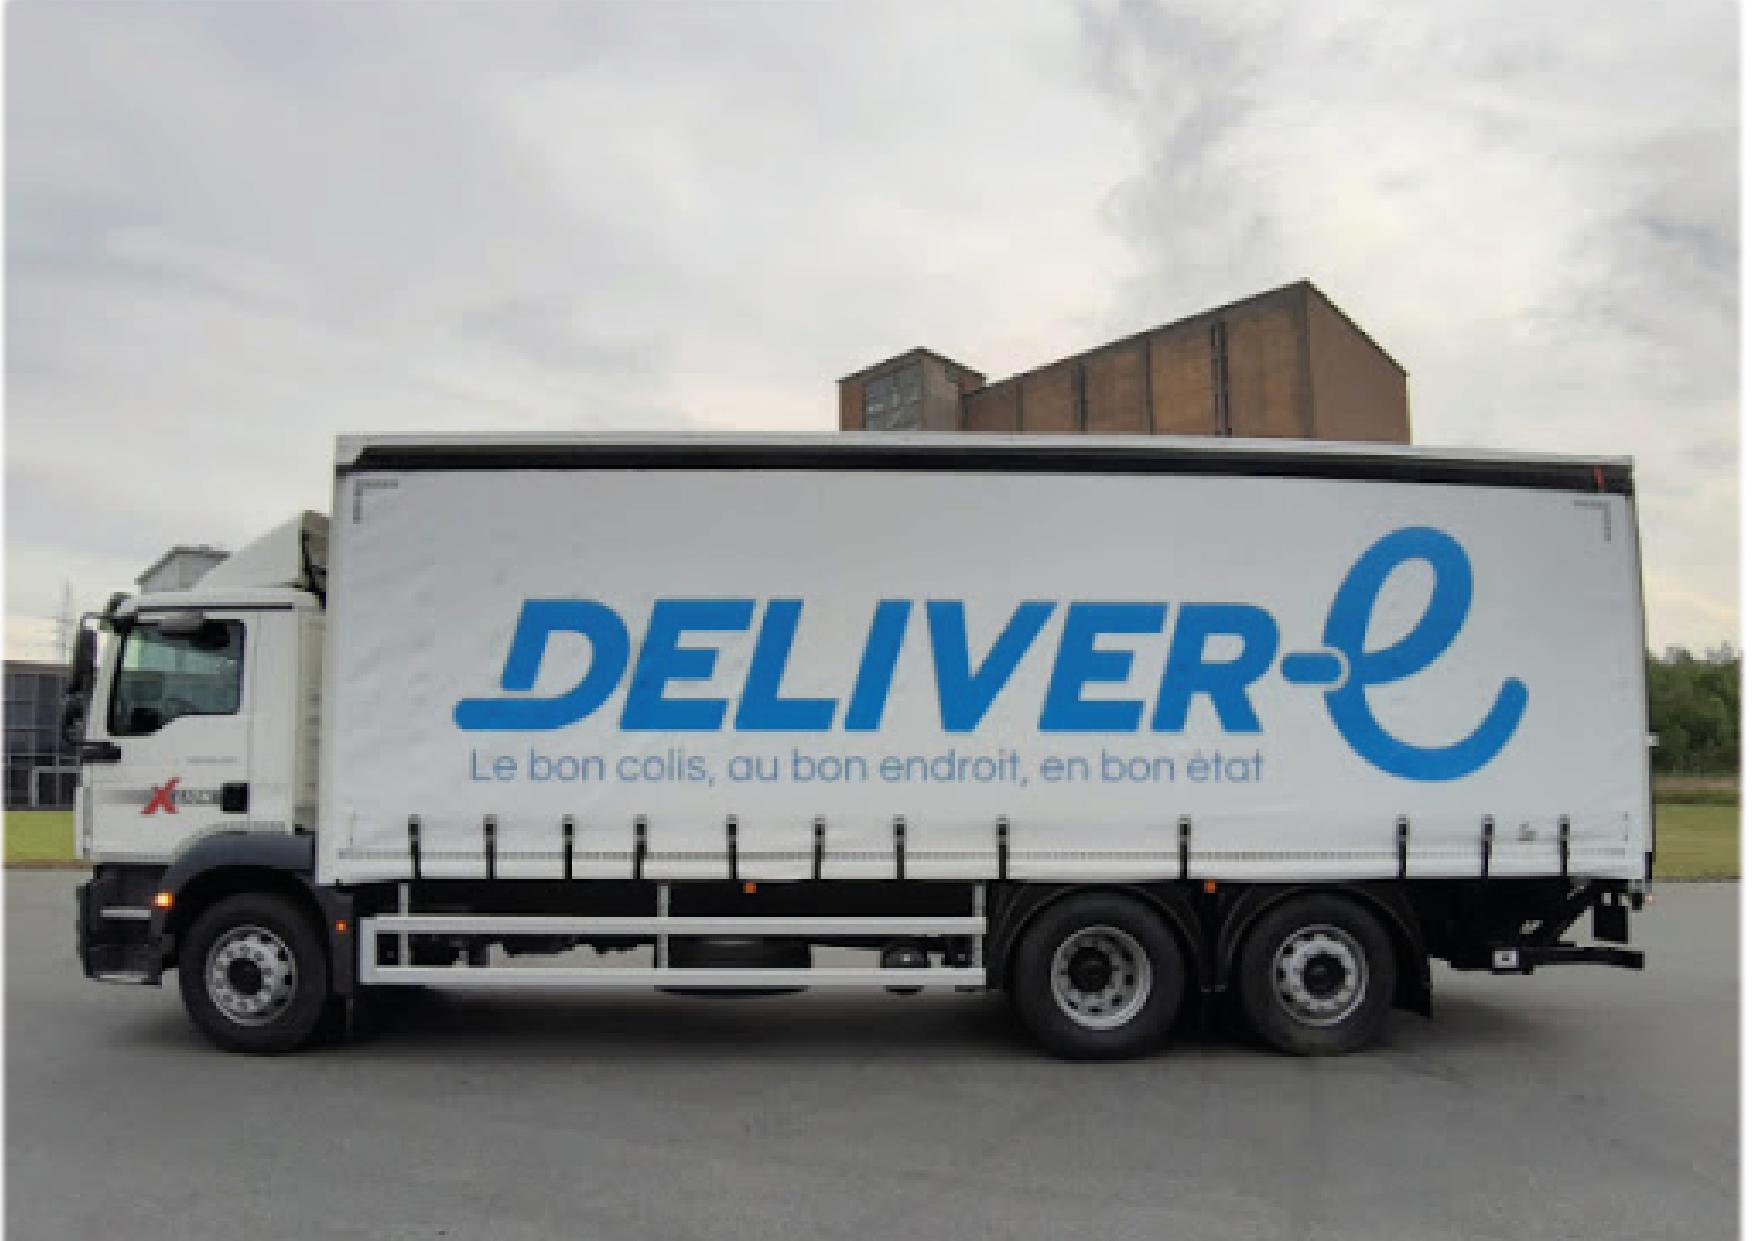 deliveree transport management system